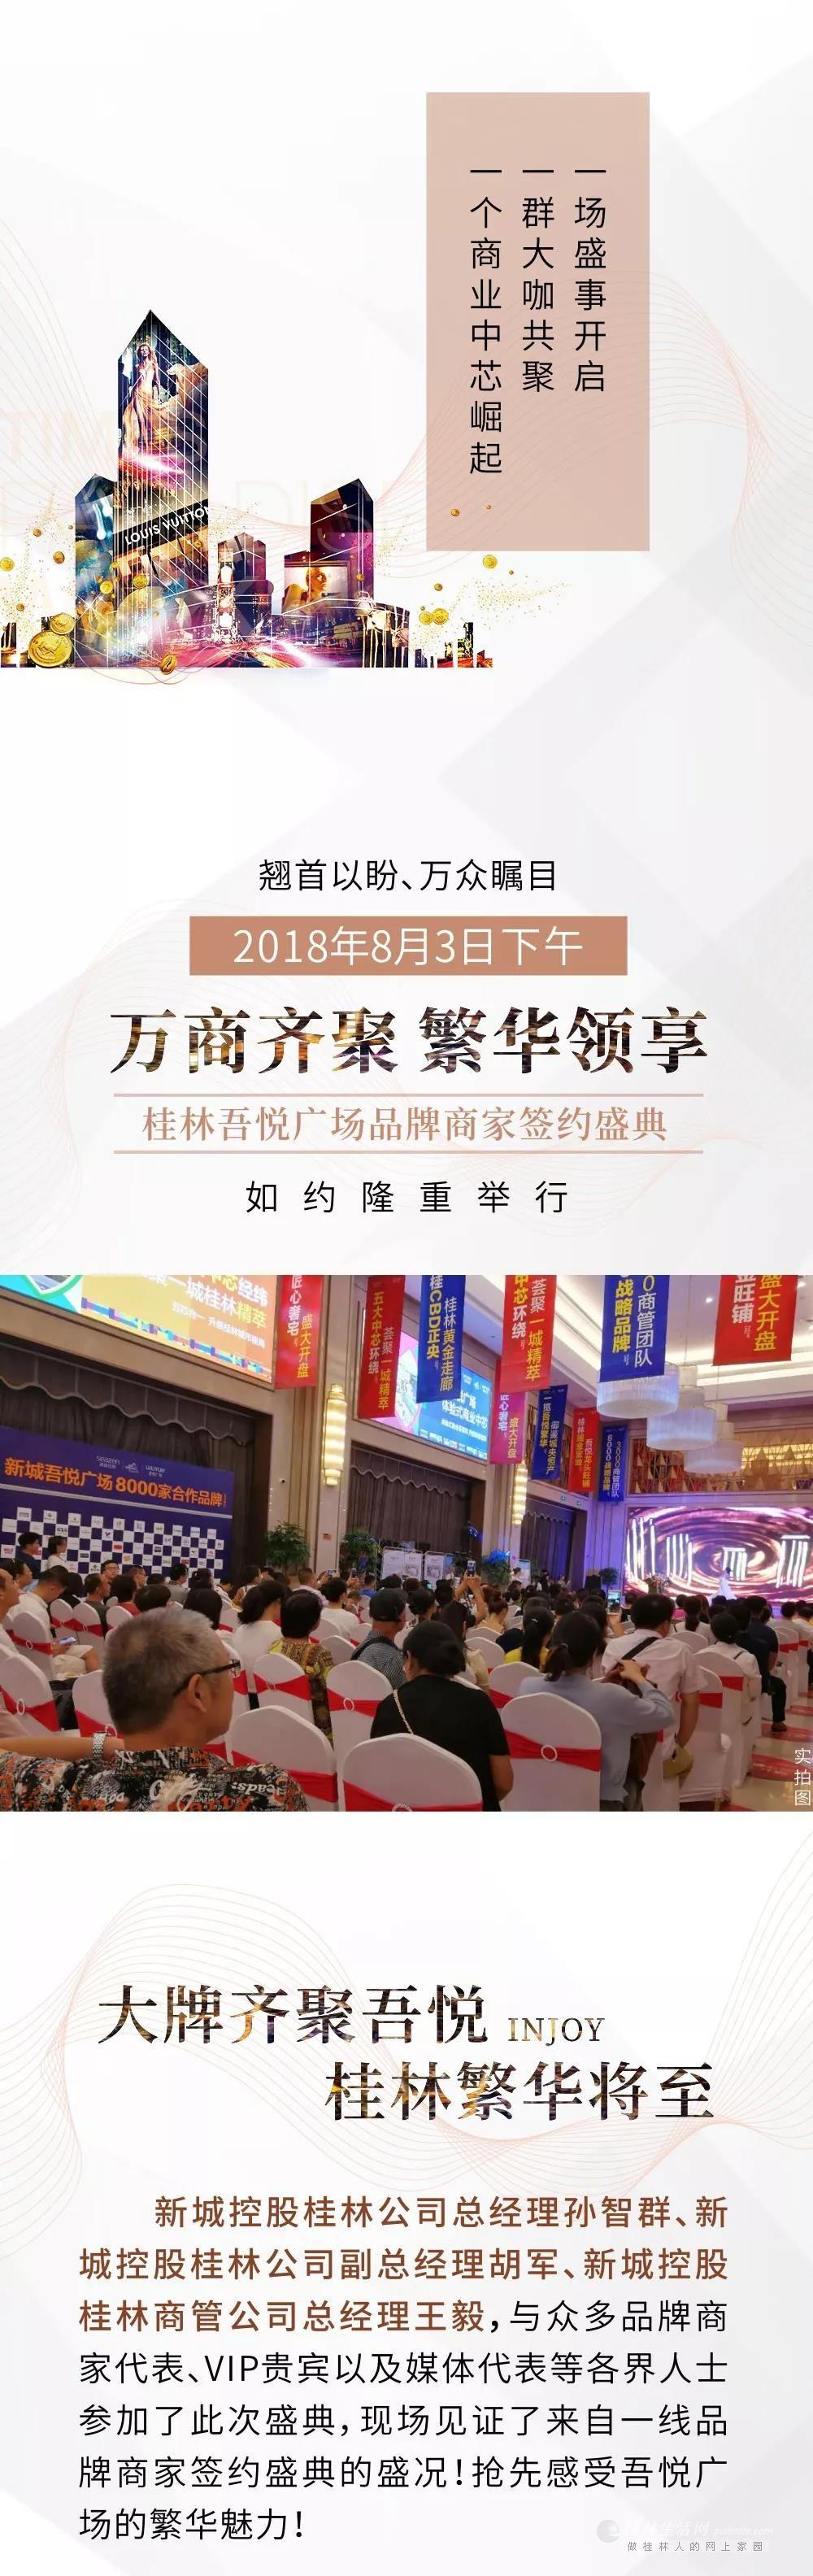 桂林吾悦广场品牌商家签约盛典圆满落幕!